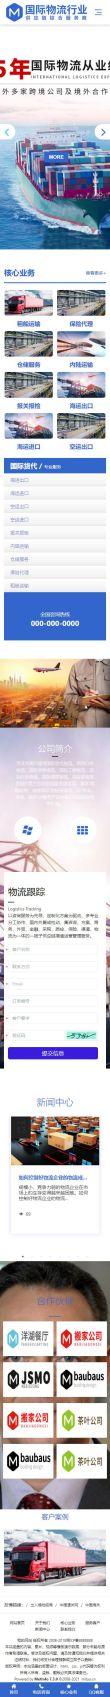 供应链管理集团网站模板,供应链管理集团网页模板,供应链管理集团响应式网站模板